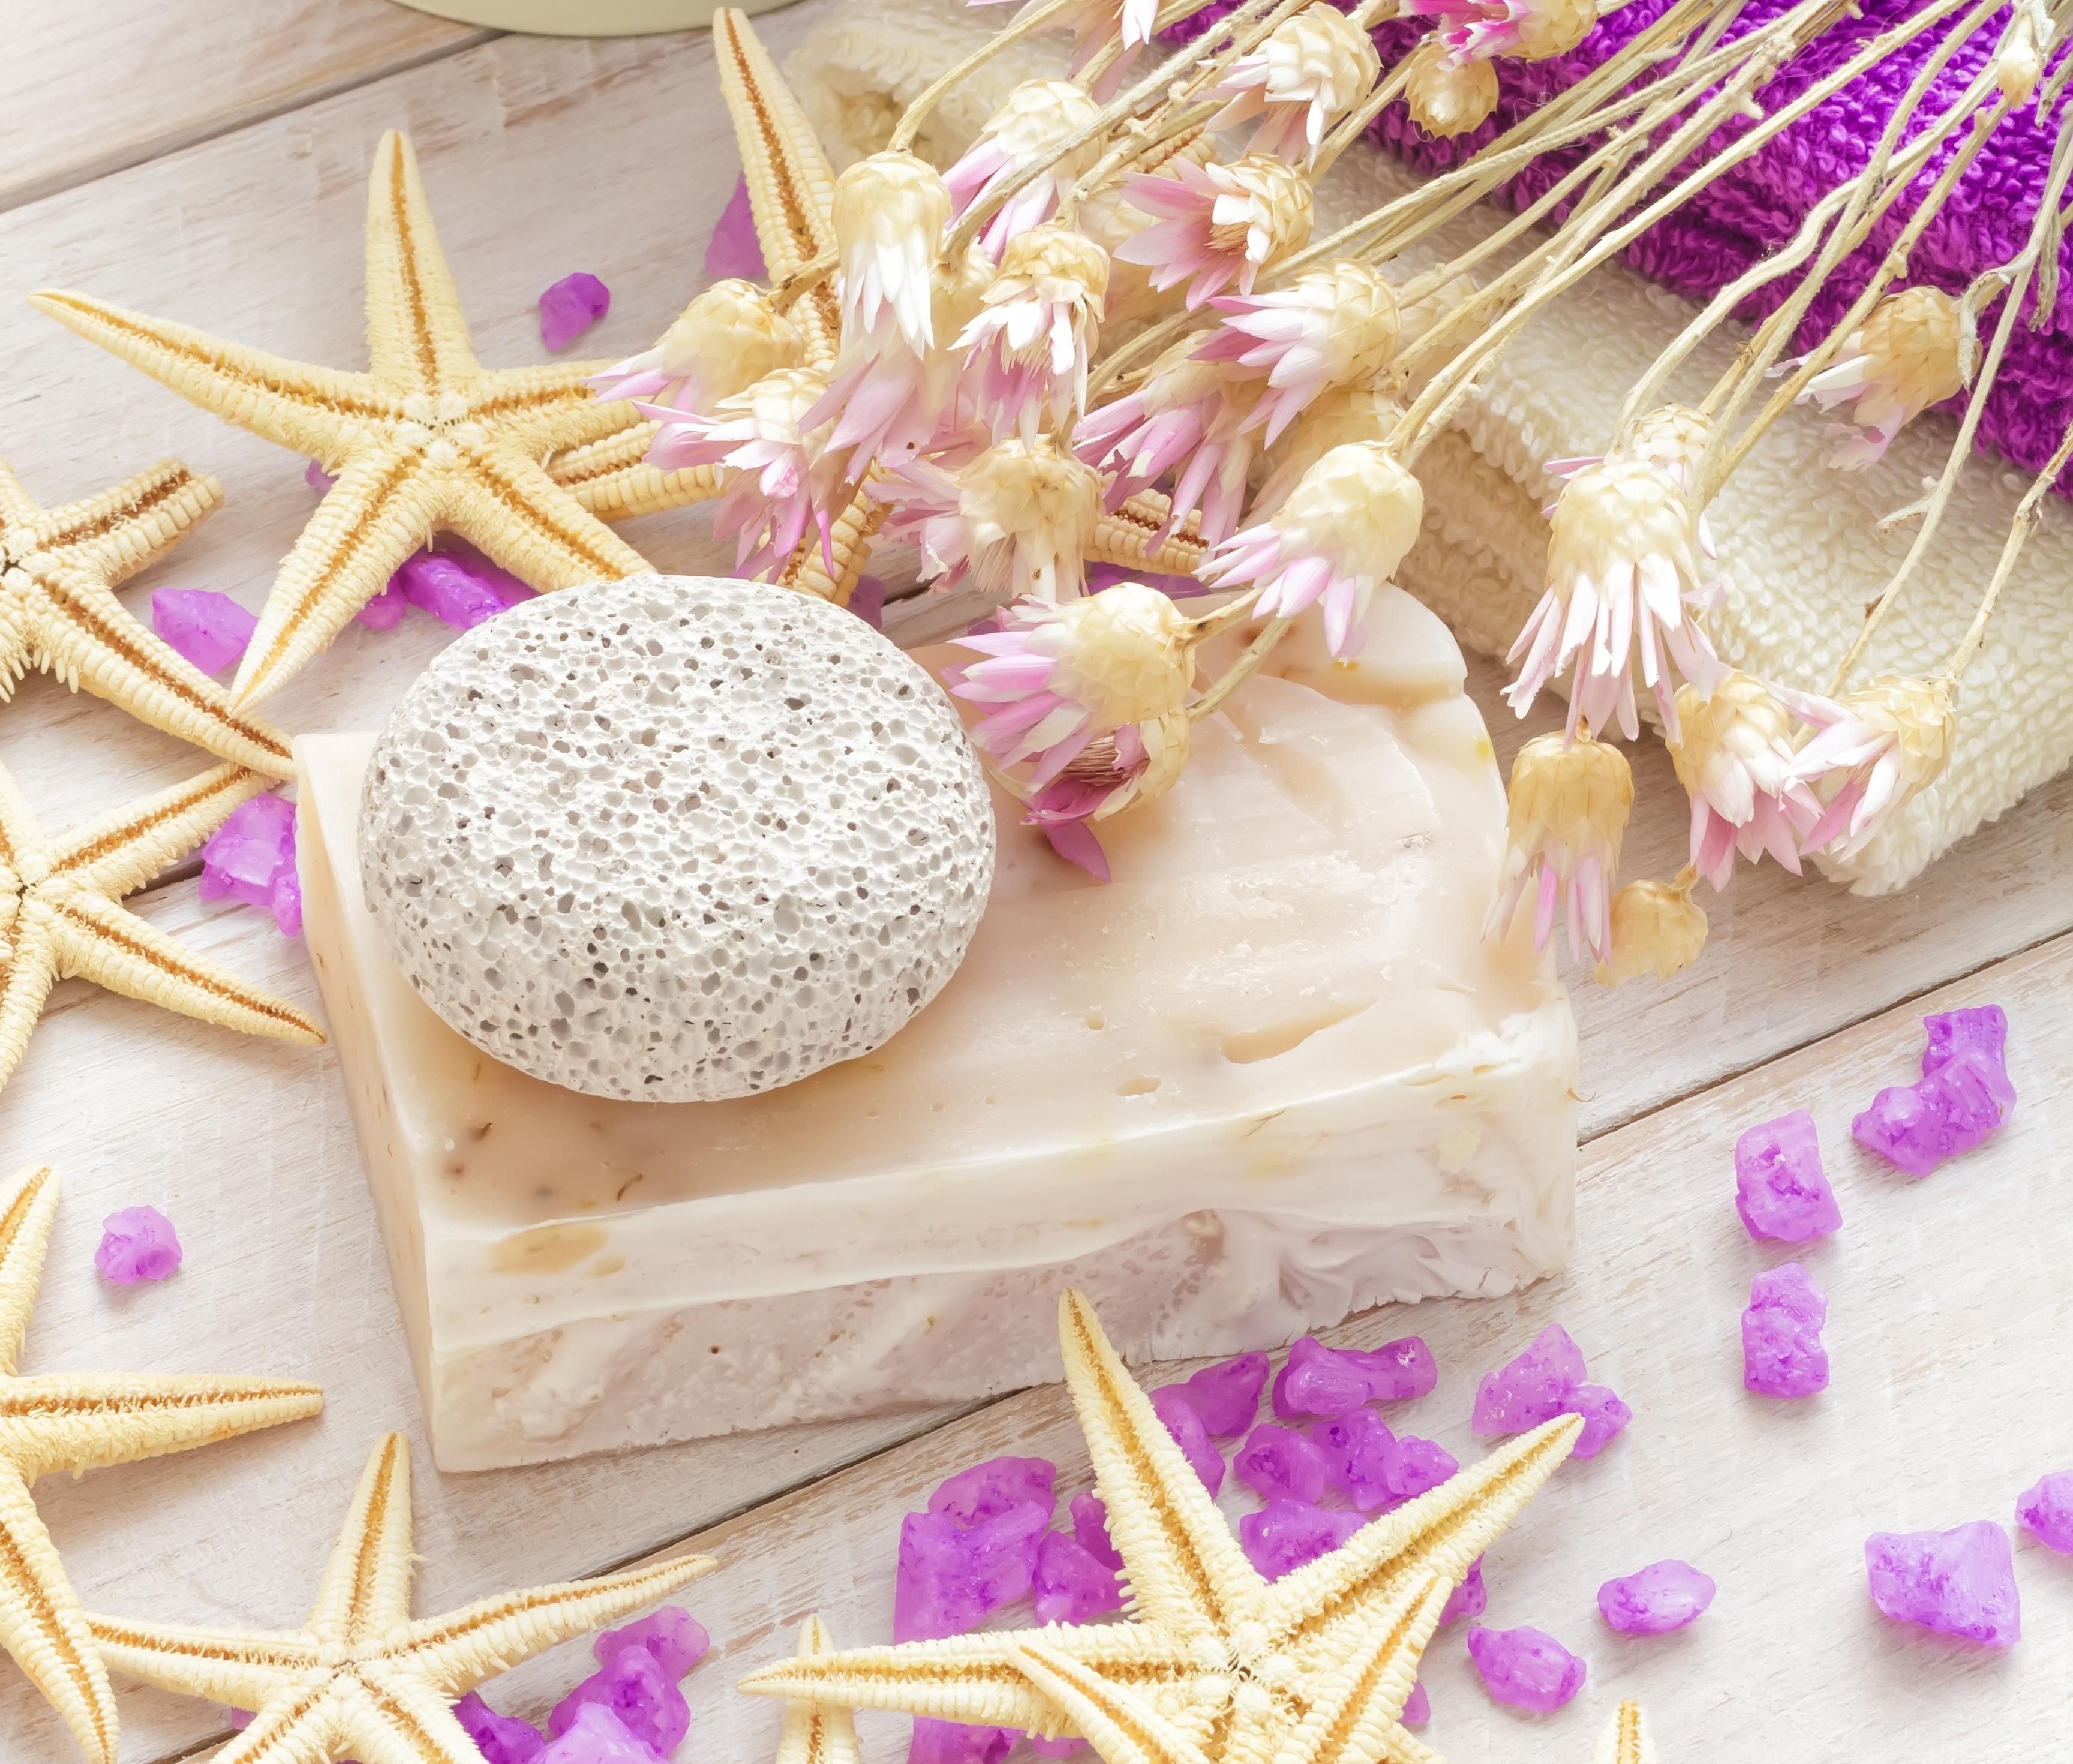 ароматический шампунь морская соль флаконы  № 1495343 загрузить